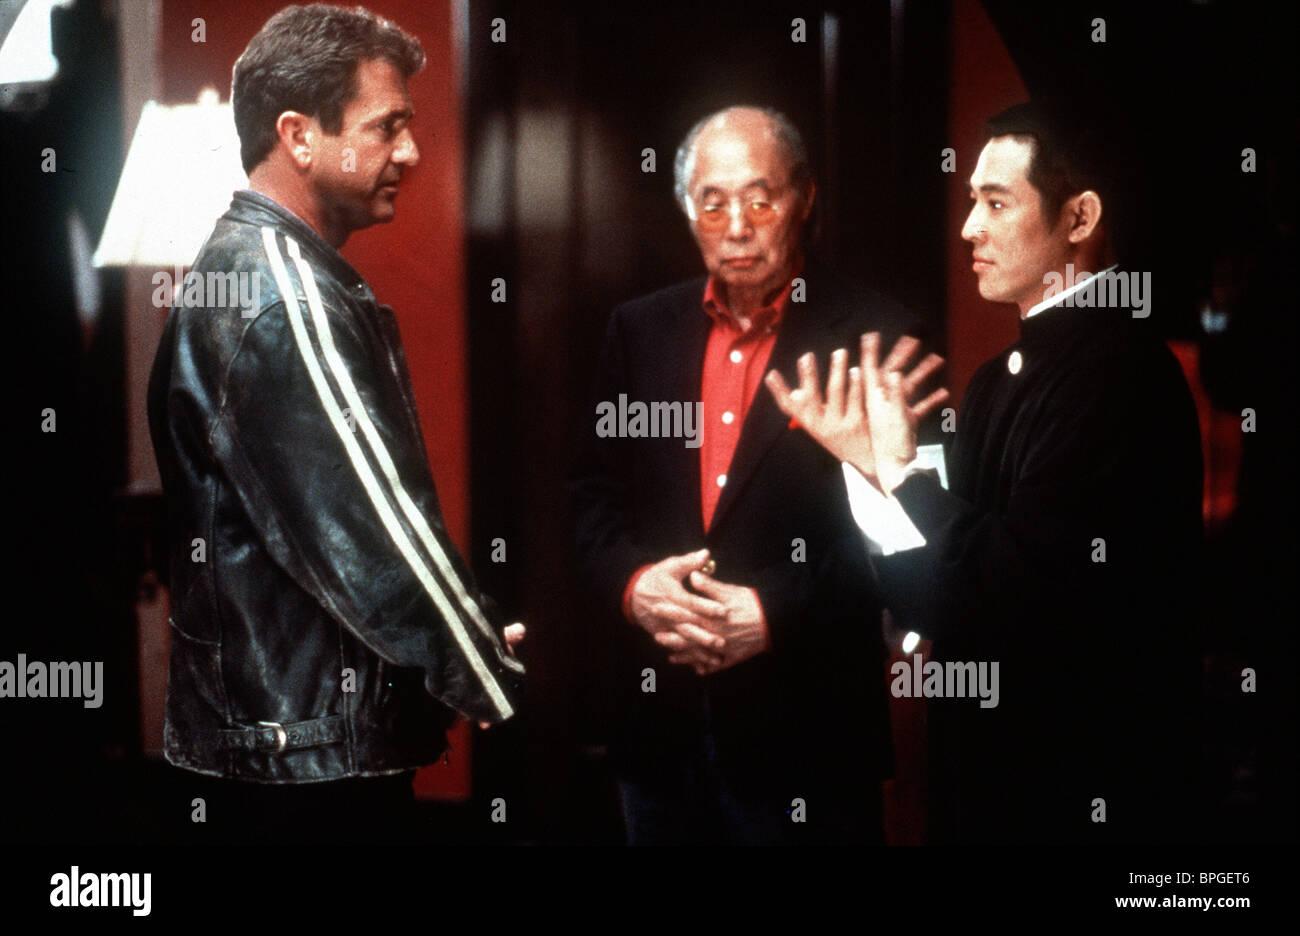 Mel Gibson Kim Chan Jet Li Lethal Weapon 4 1998 Stock Photo Alamy